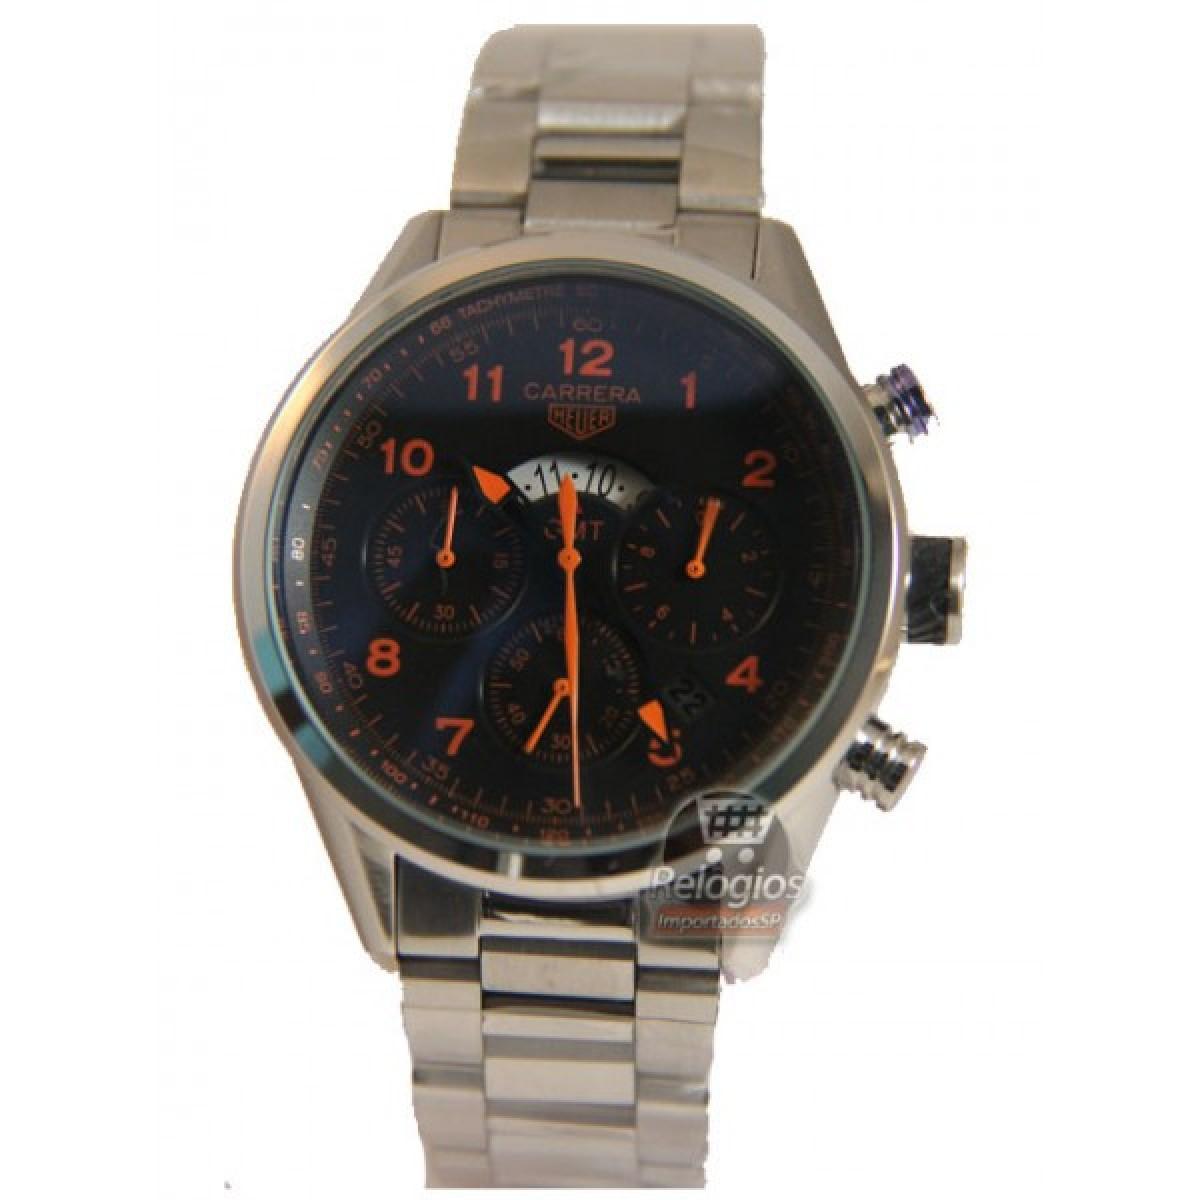 64fb4c9e7fb Relógio Réplica Tag Heuer Carrera Gmt Black